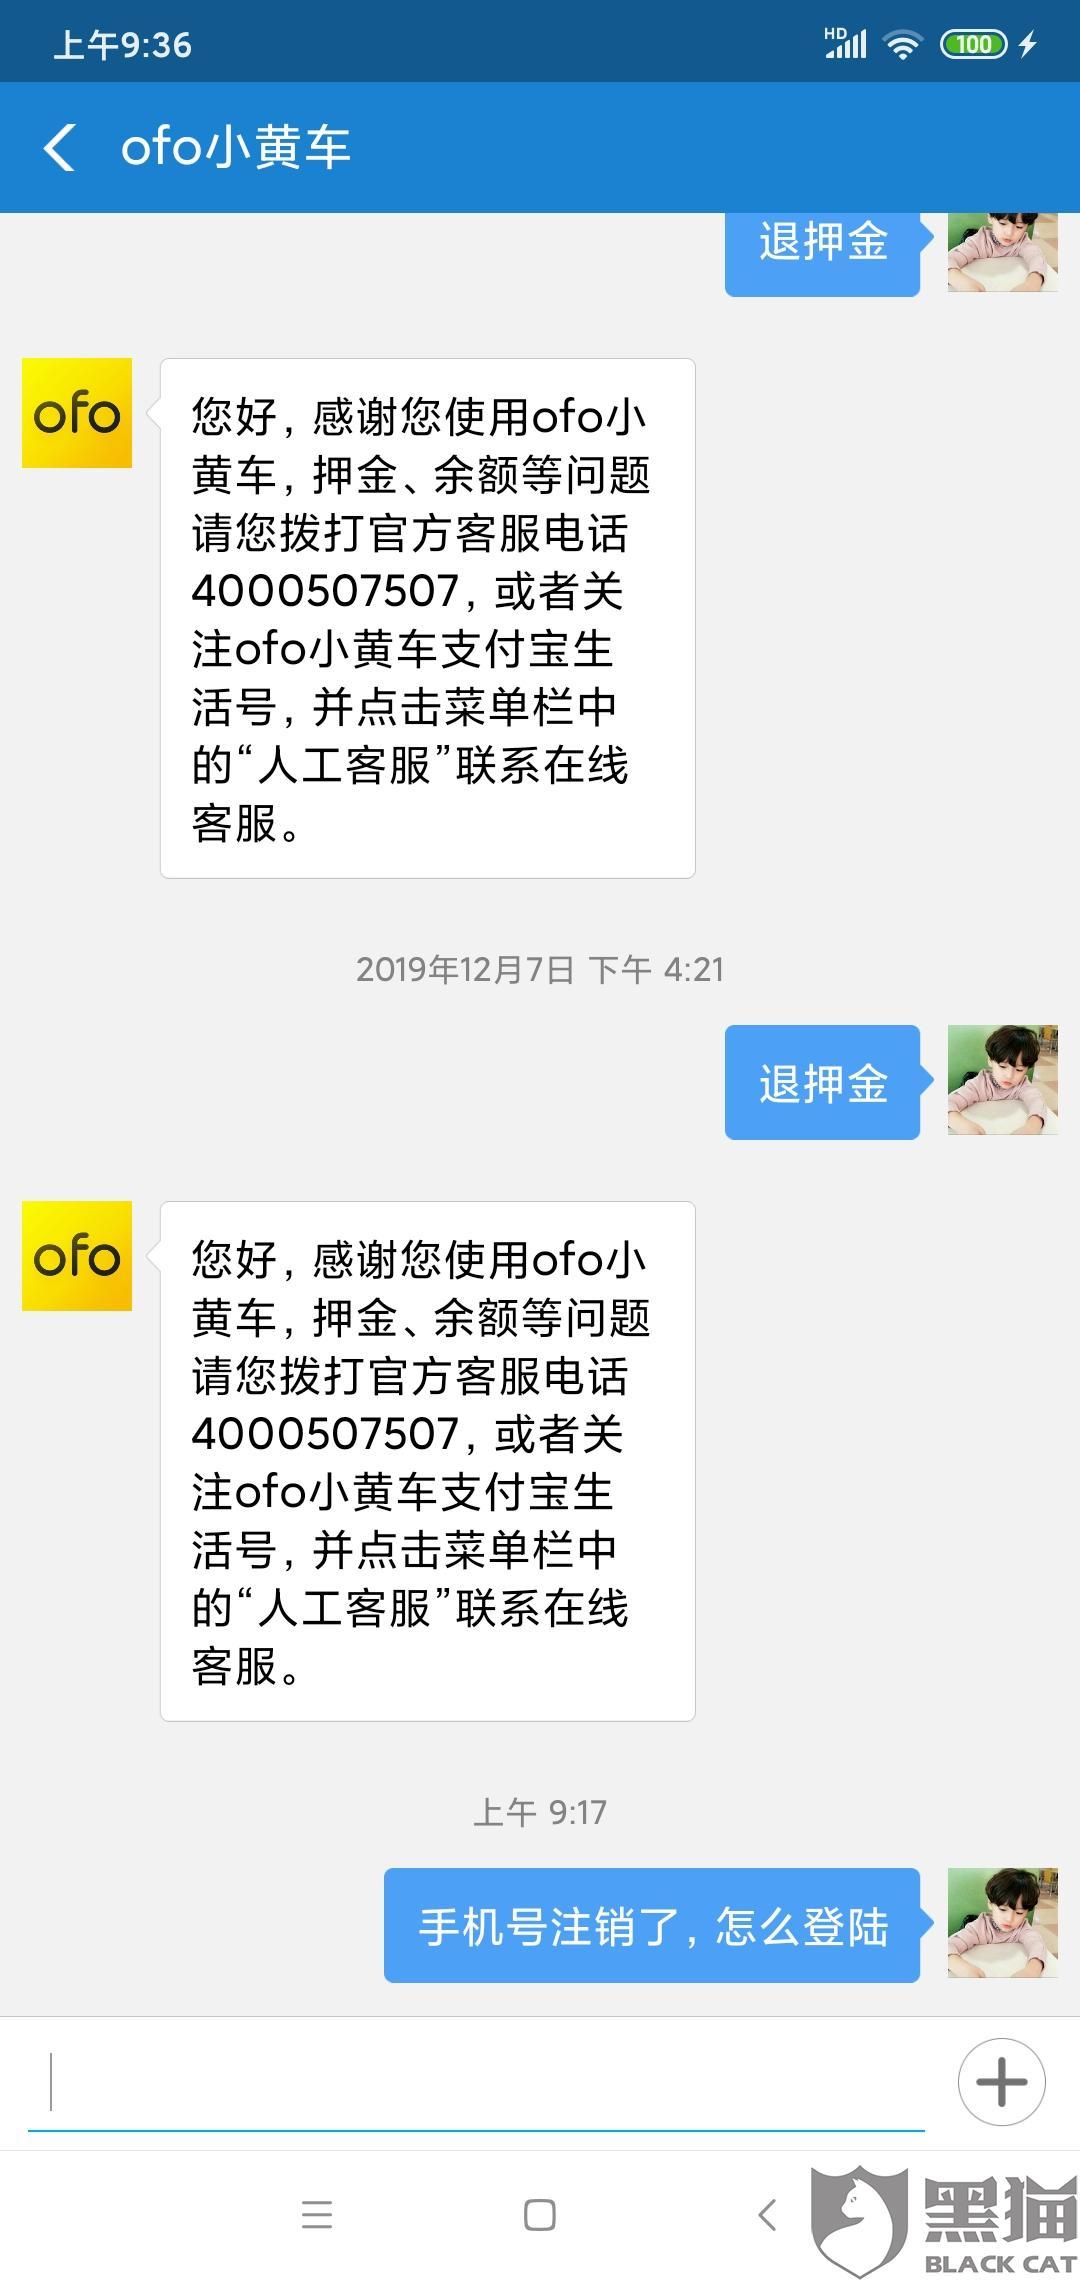 黑猫投诉:ofo小黄车登陆用的手机号注销了,登陆不了,联系客服联系不到